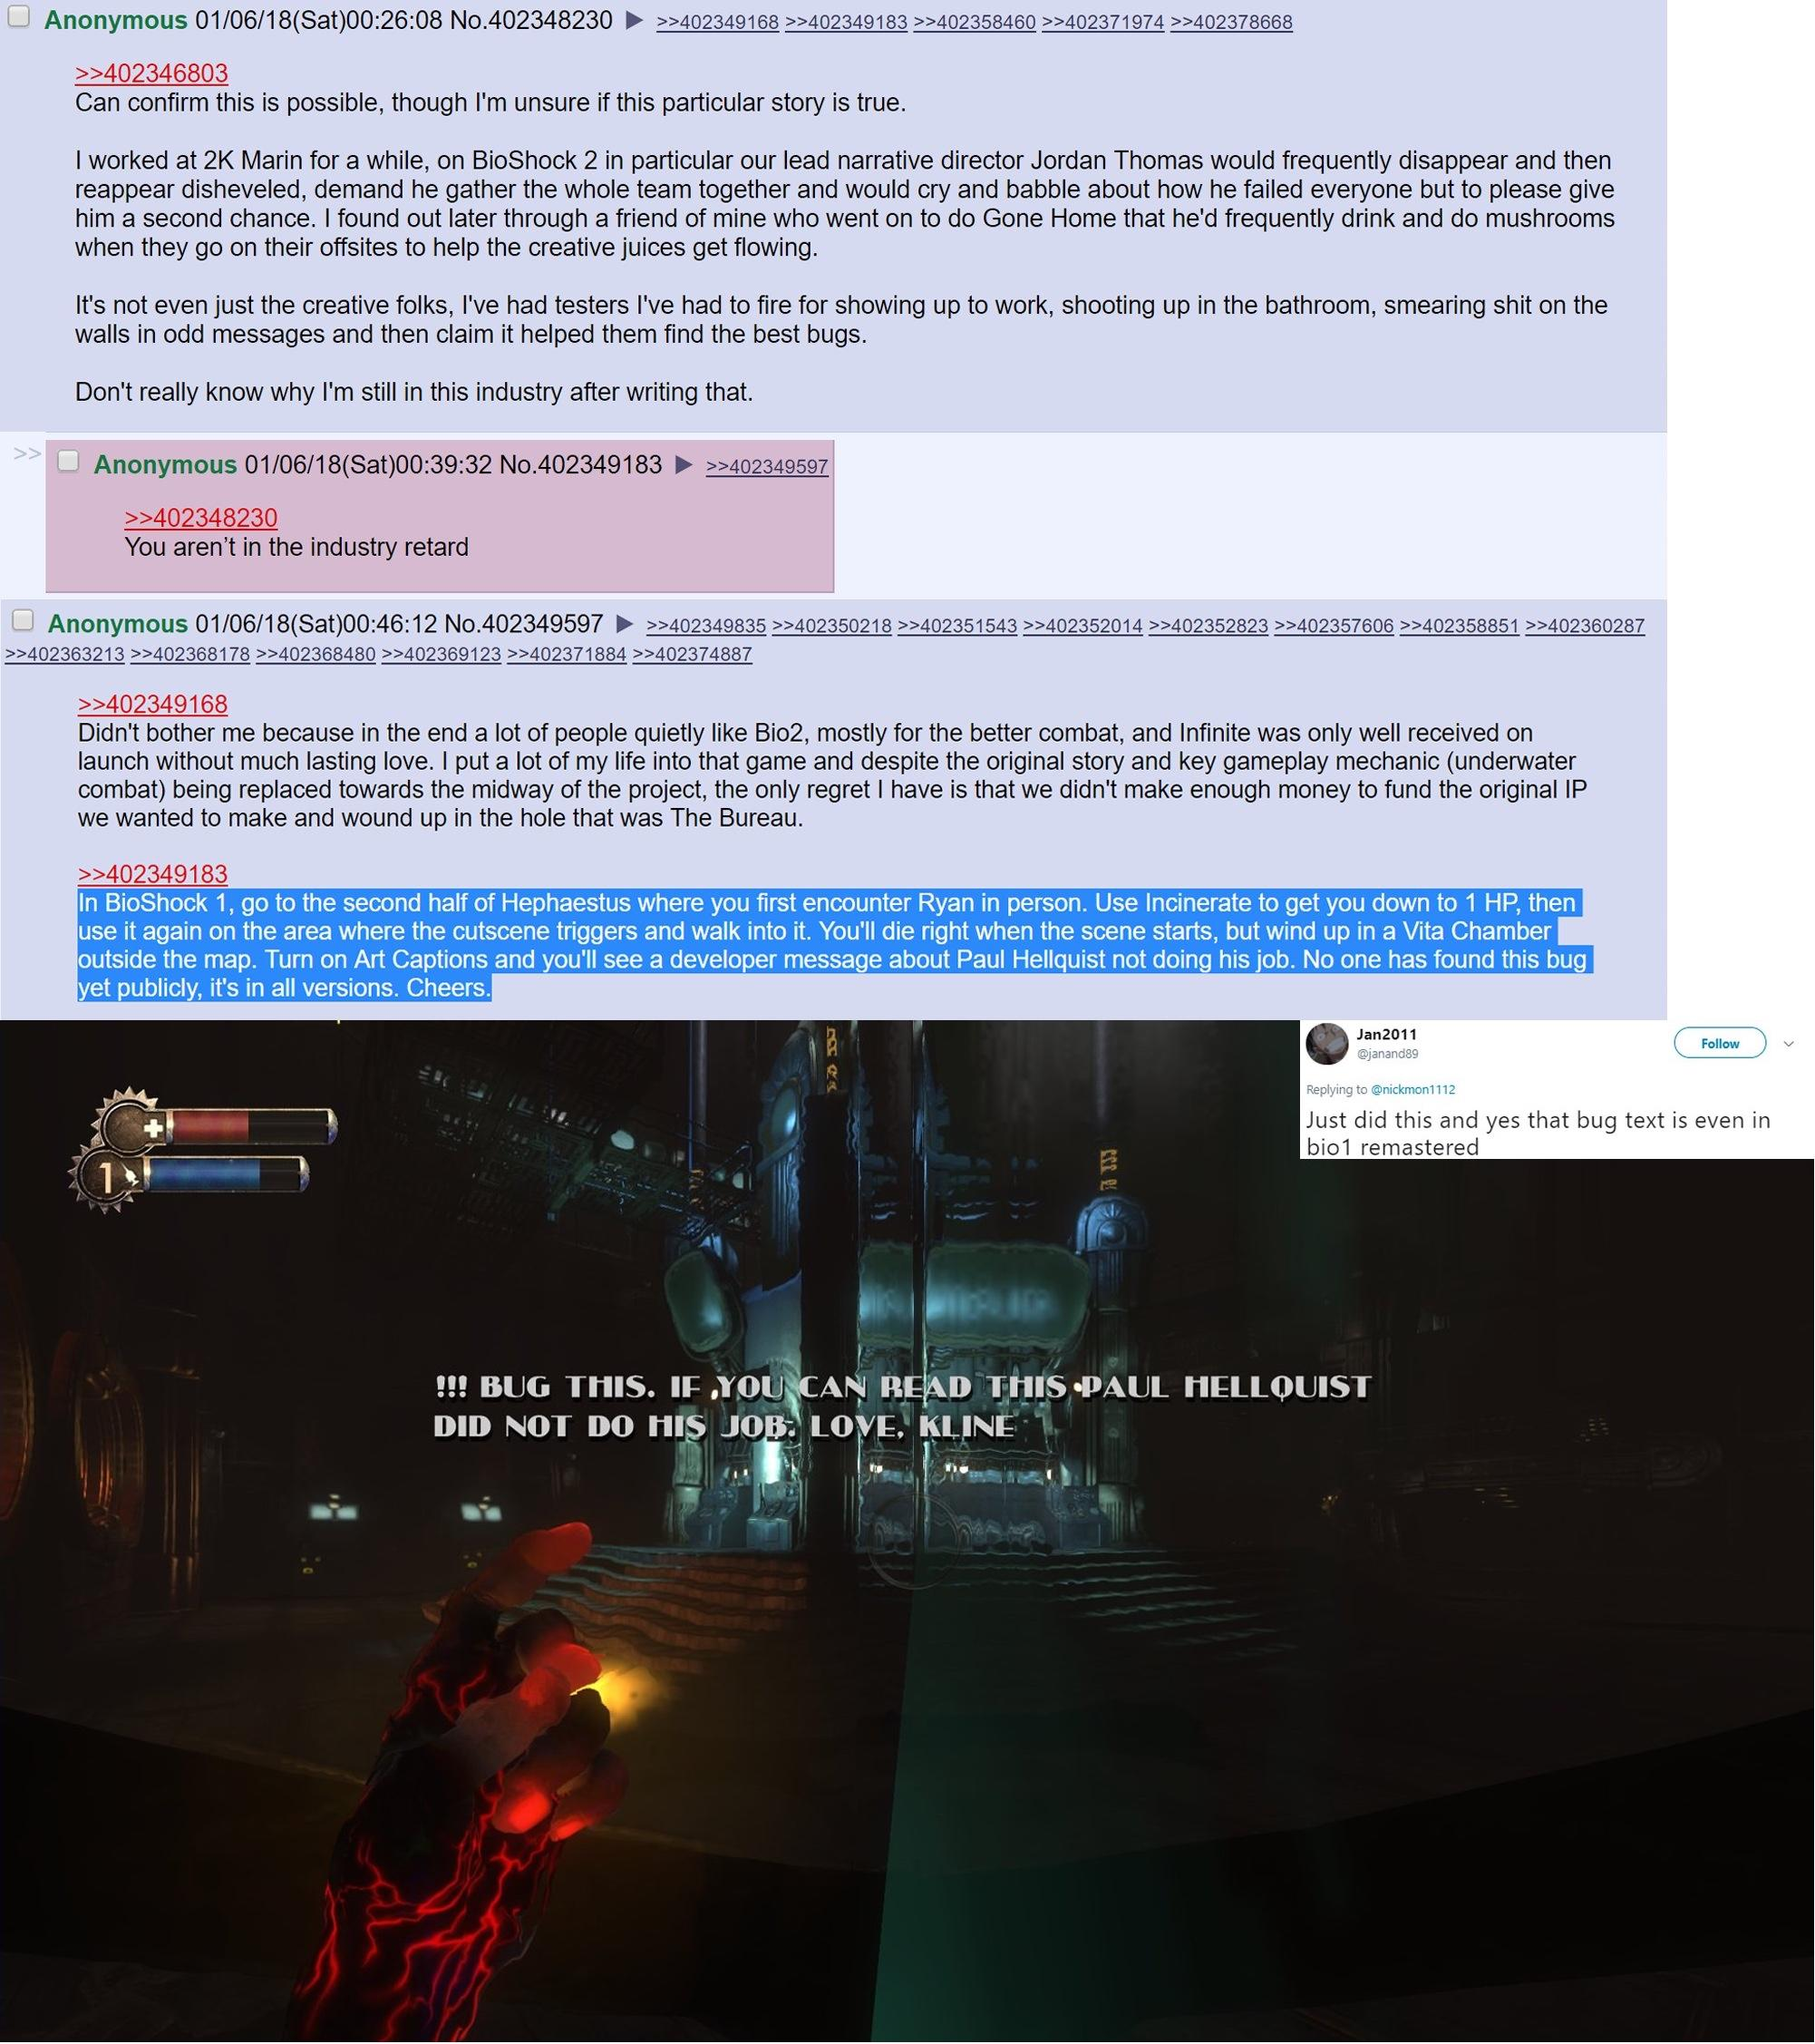 Fogyni 4chan, Egy leiratkozás kettőt ér a YouTube-on